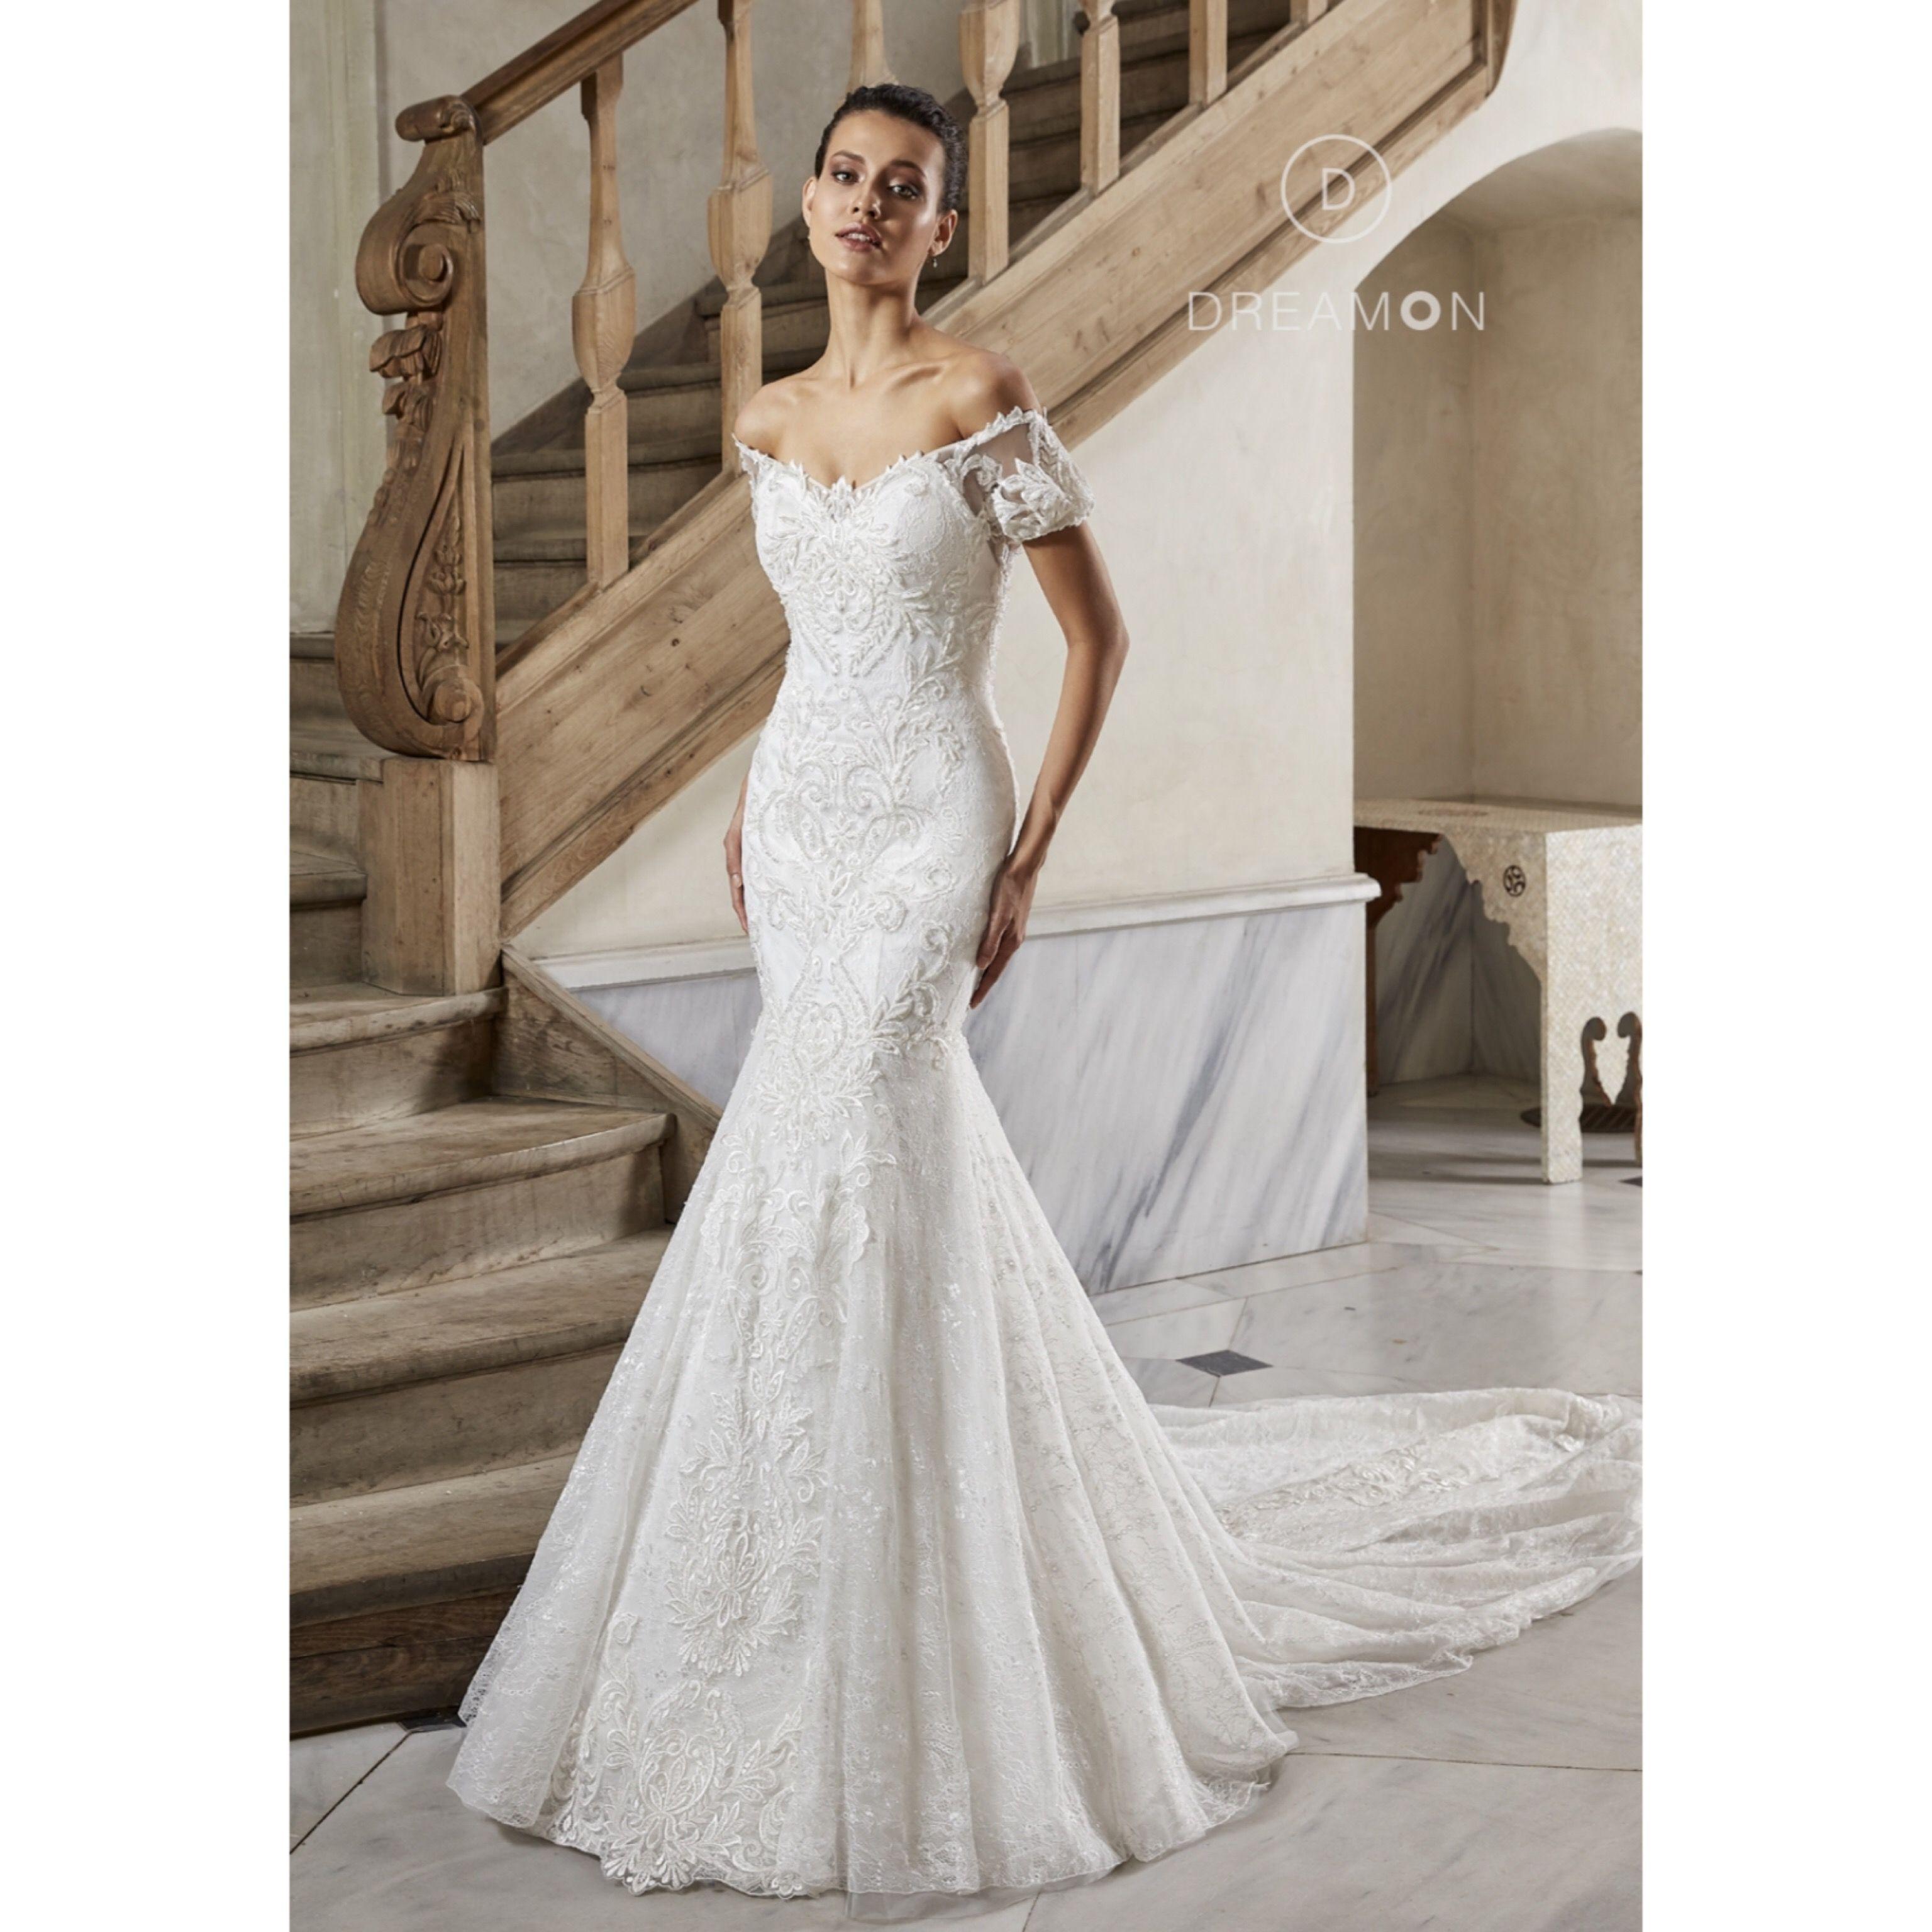 Kallisto Kisa Balon Kollu Kuyruklu Balik Gelinlik Modeli Dreamon Com Tr Gelinlik Couture Prenses Gelinlikleri